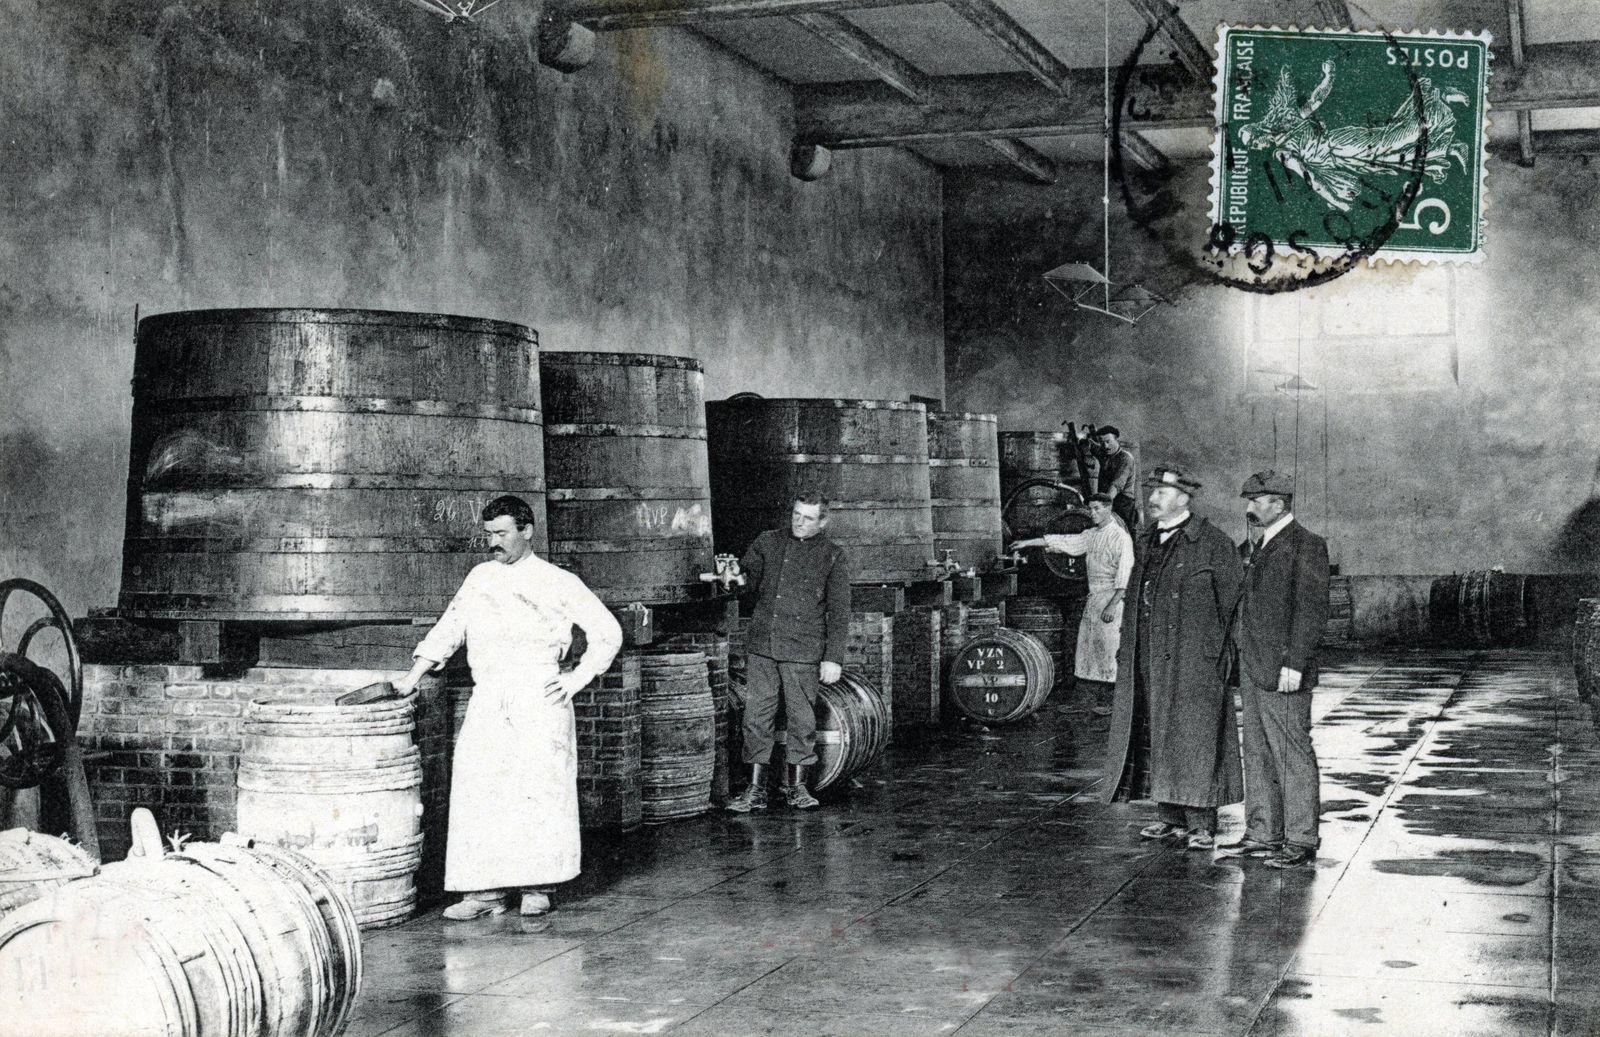 Vendanges de Champagne la livraison du vin nouveau Champagne harvest the wine Nouveau delivery